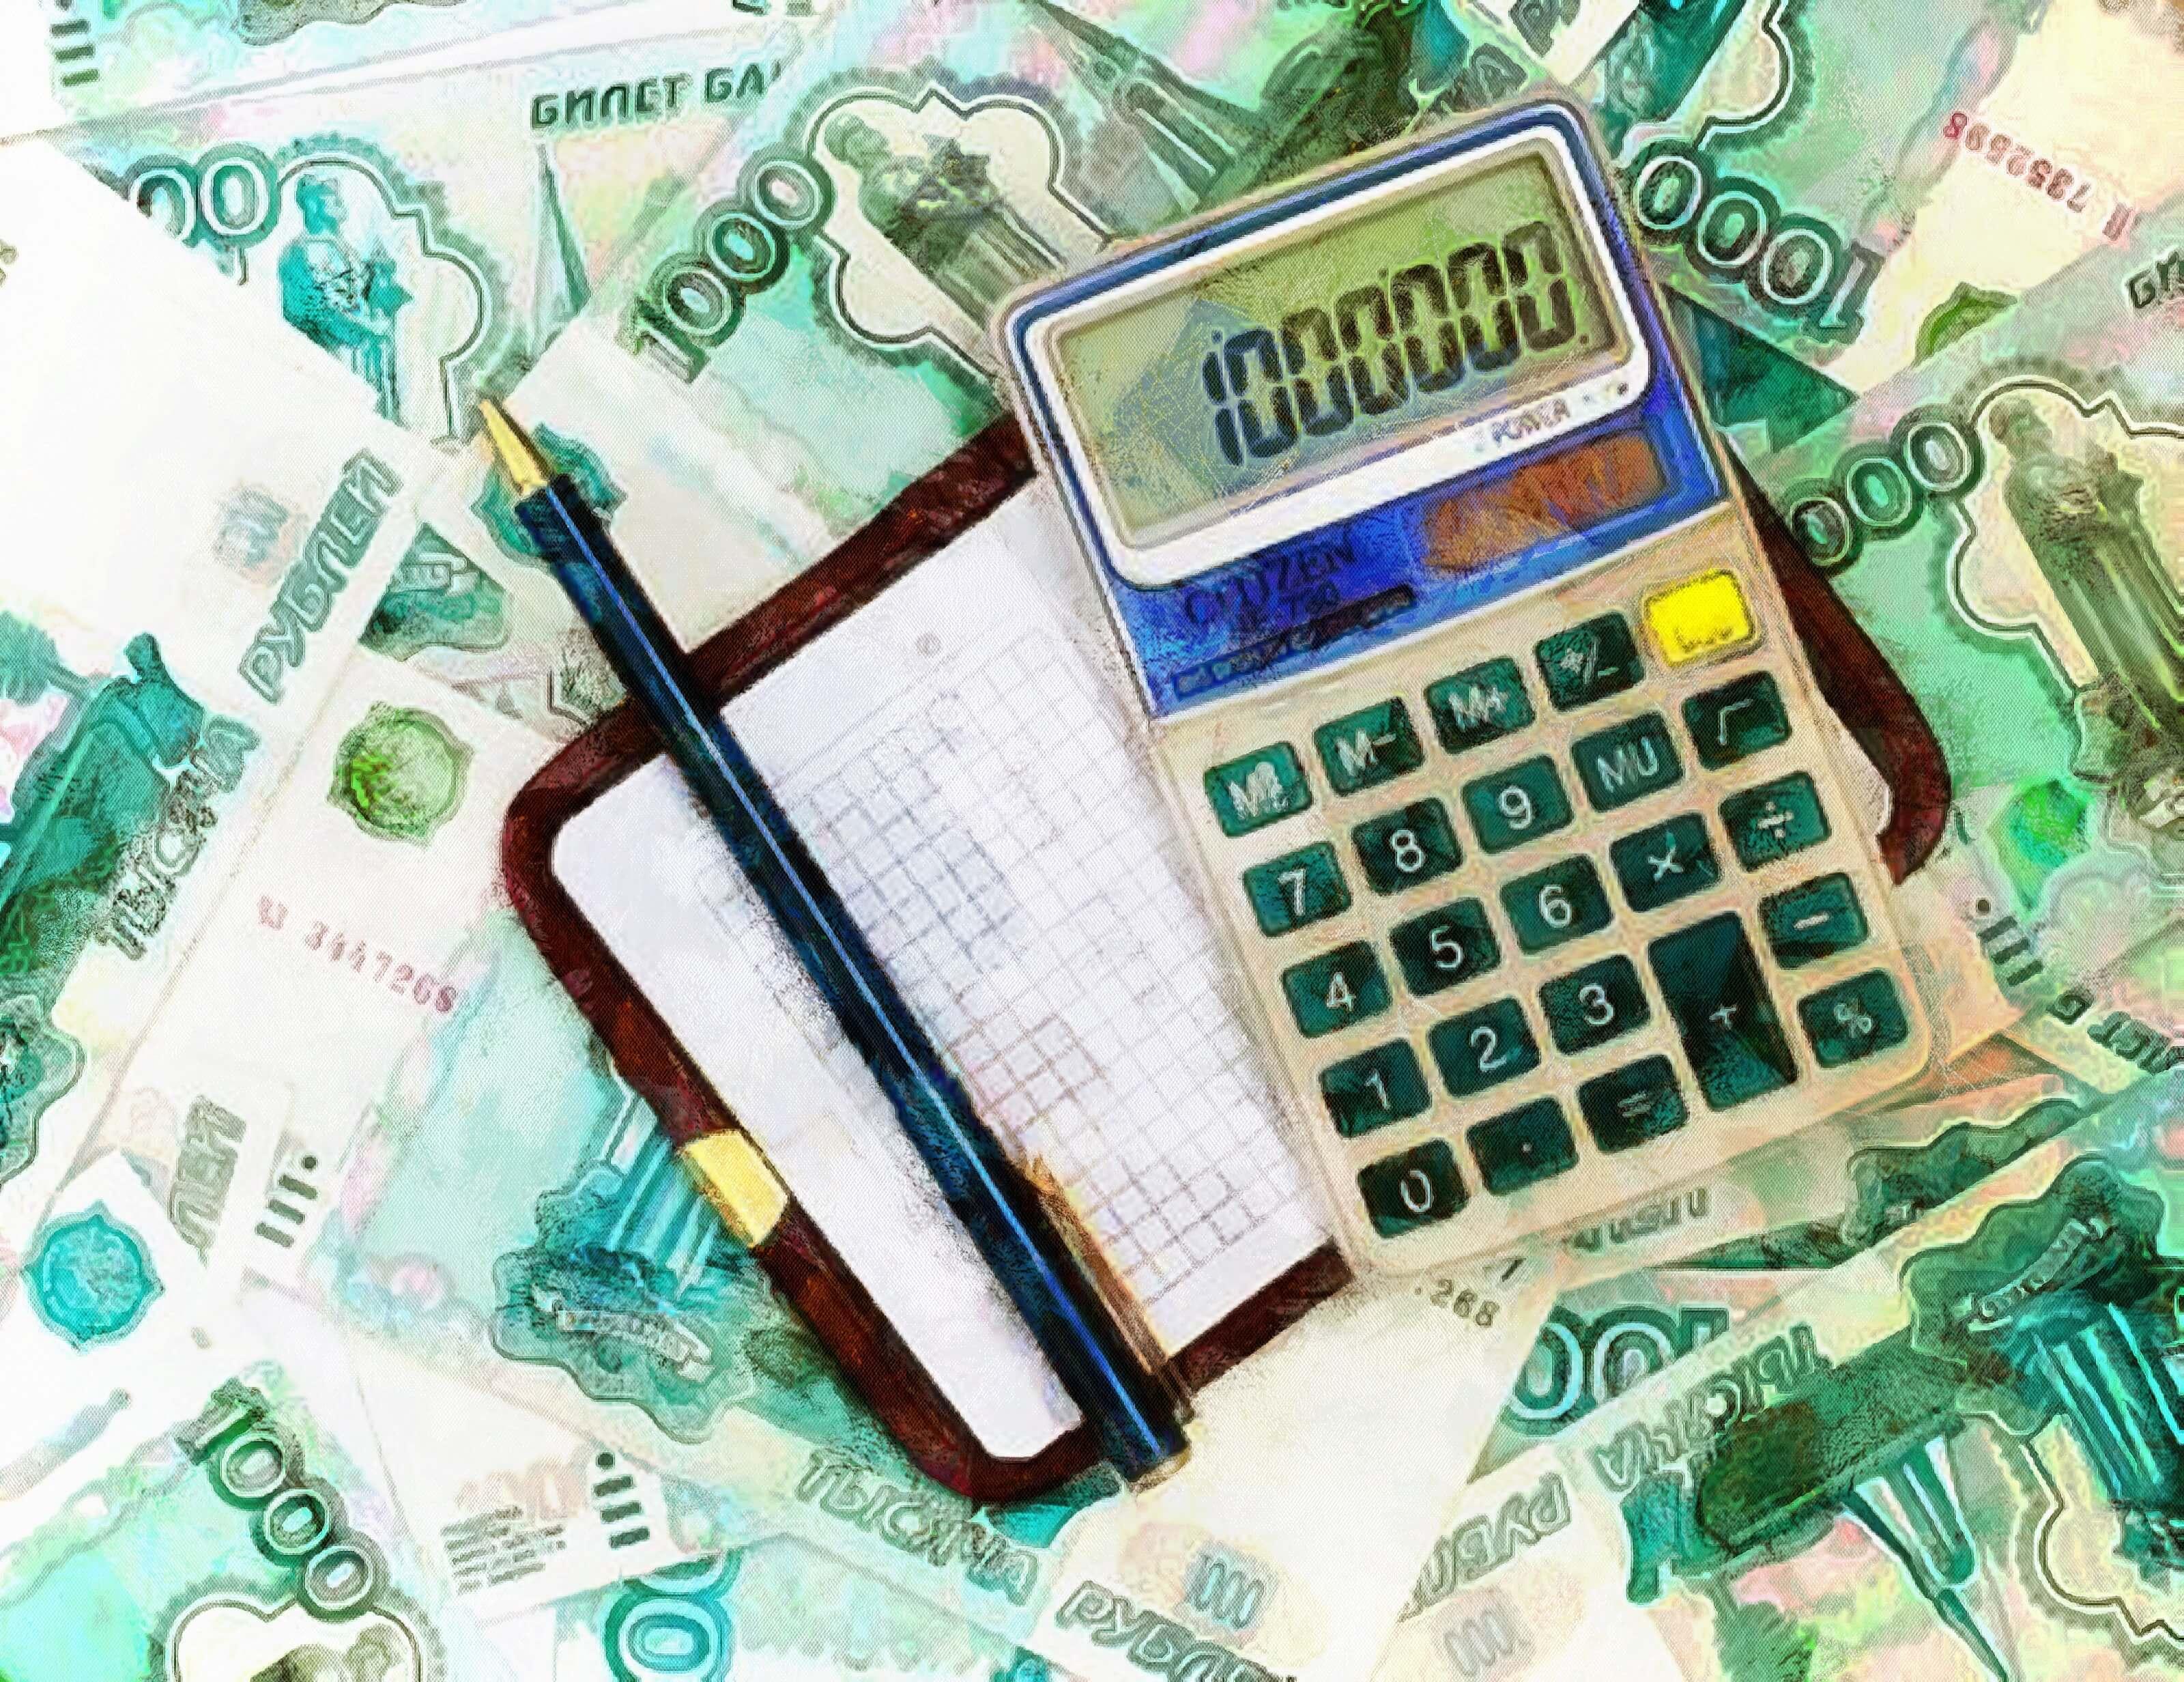 Как использовать онлайн-калькулятор для расчета военной ипотеки?